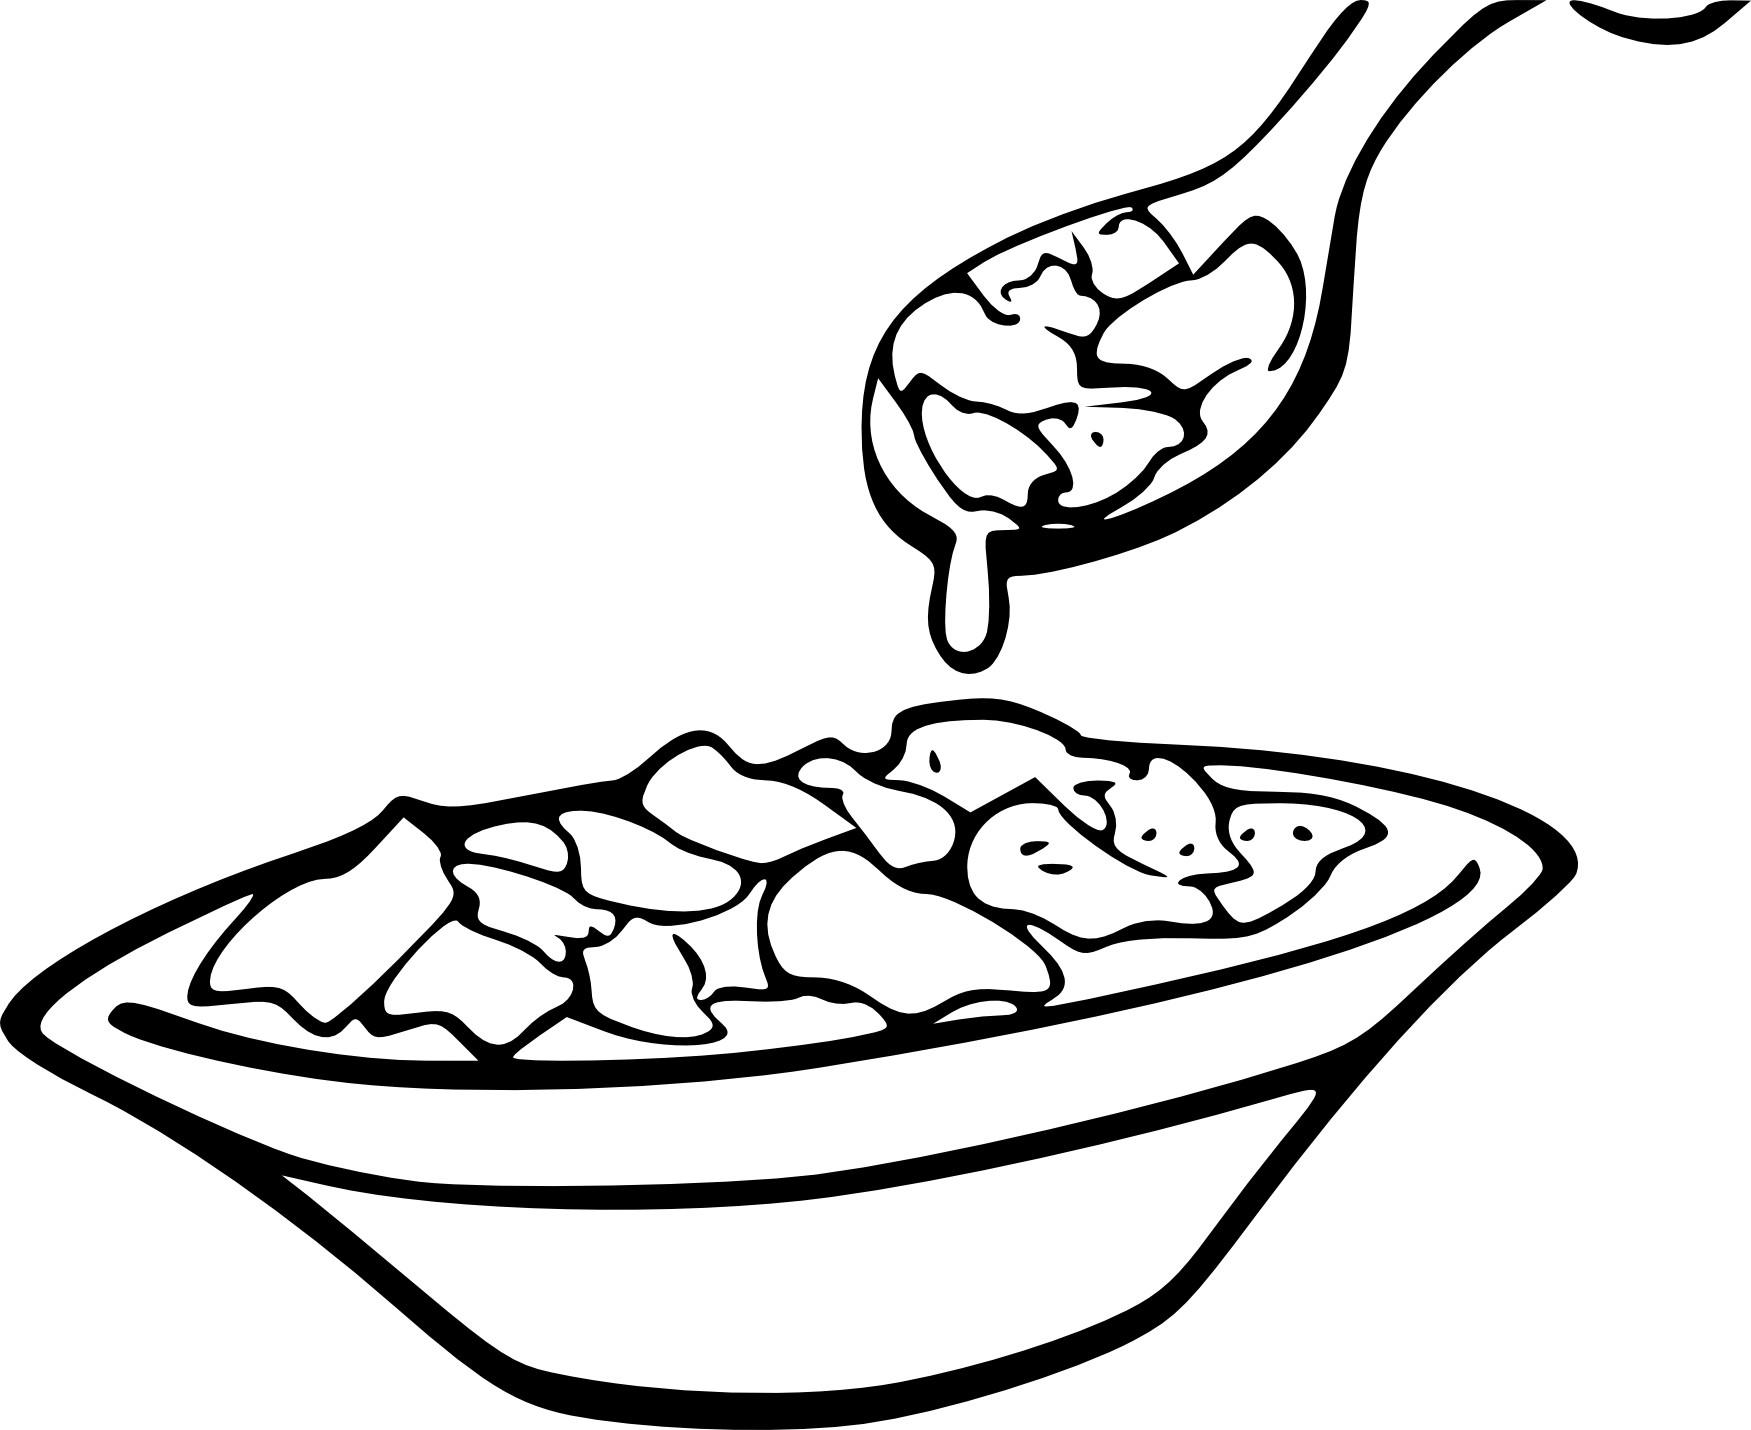 Coloriage bol de cereales